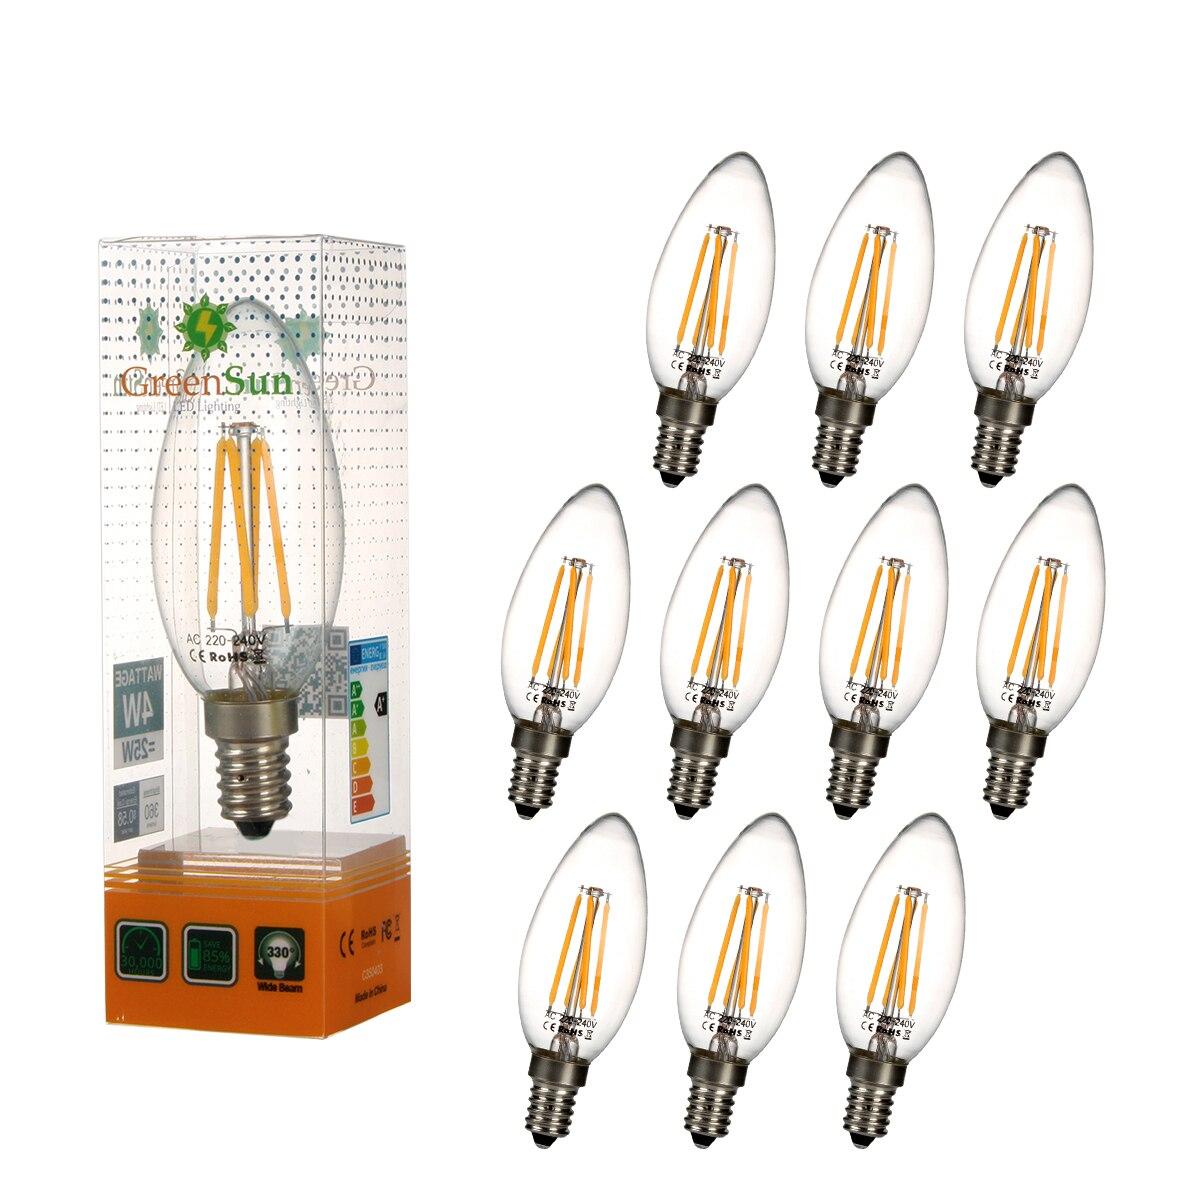 10Pcs E14 4W Edison Style LED COB Filament Candle Light Lamp Energy Saving Bulb glass led filament bulb home lighting ampoule led e14 candle energy saving lamp light bombilla led e27 cob 220v 2w 4w 6w 8w